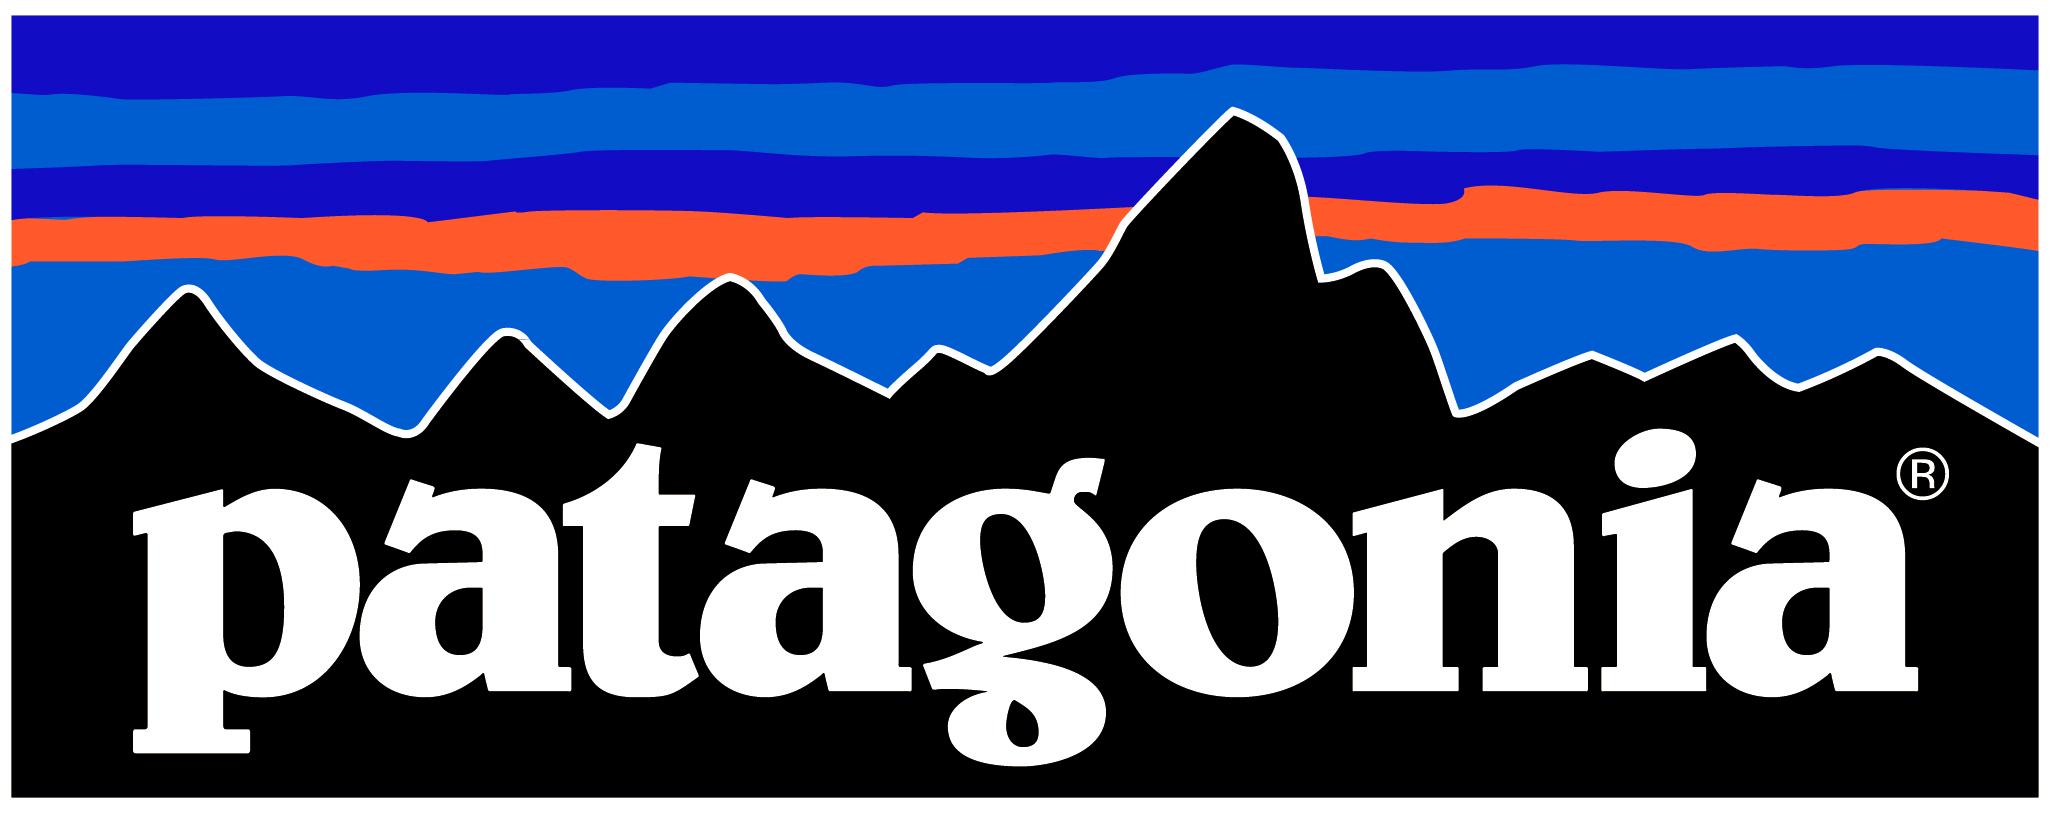 patagonia-logo.jpg